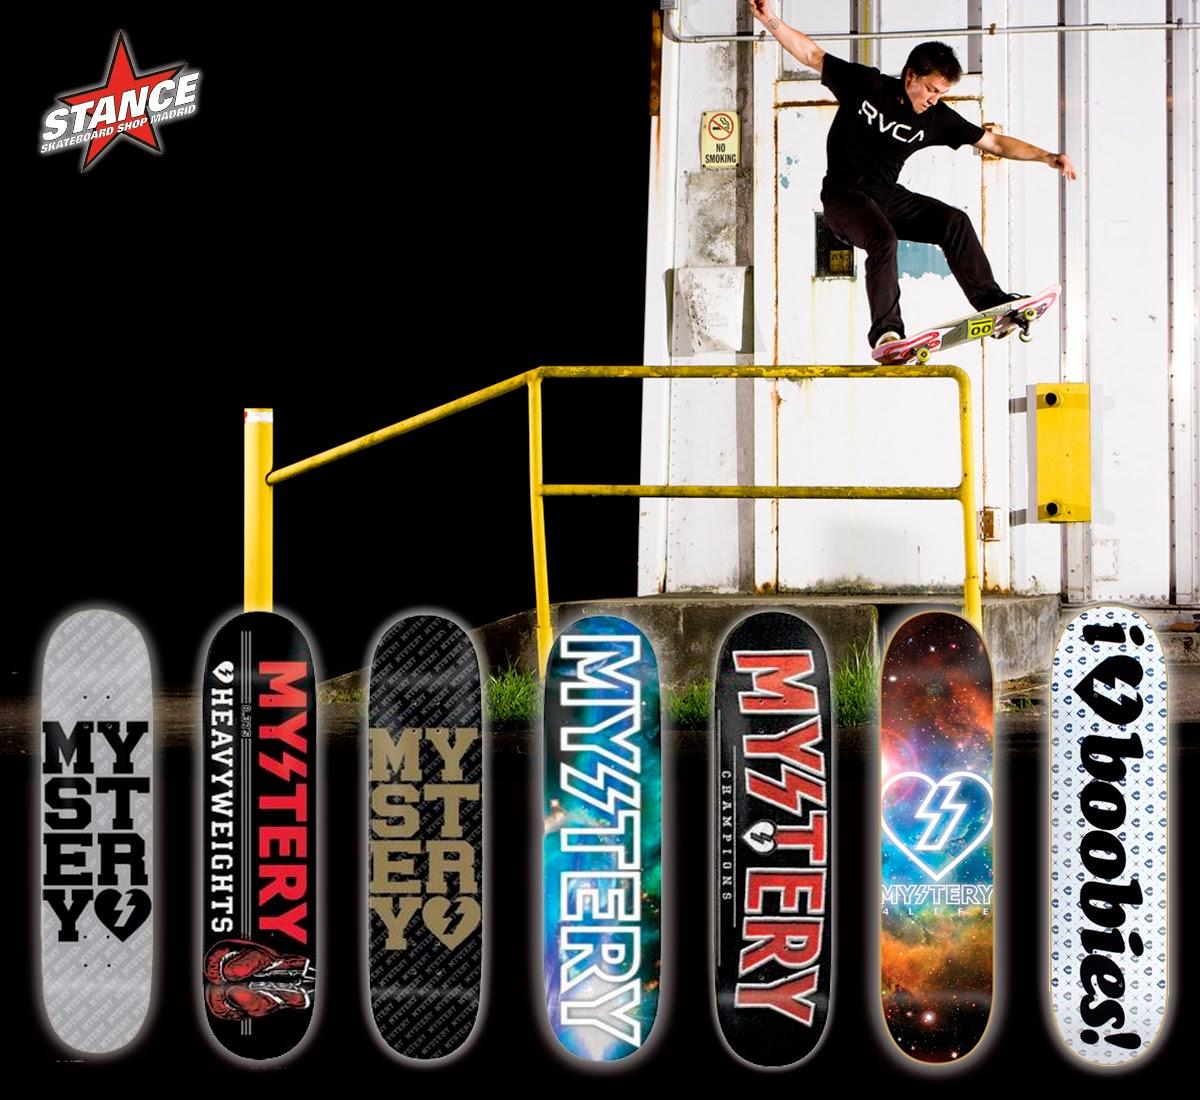 www.skateboard-stance.com/skate/tablas.html/tablas-mistery